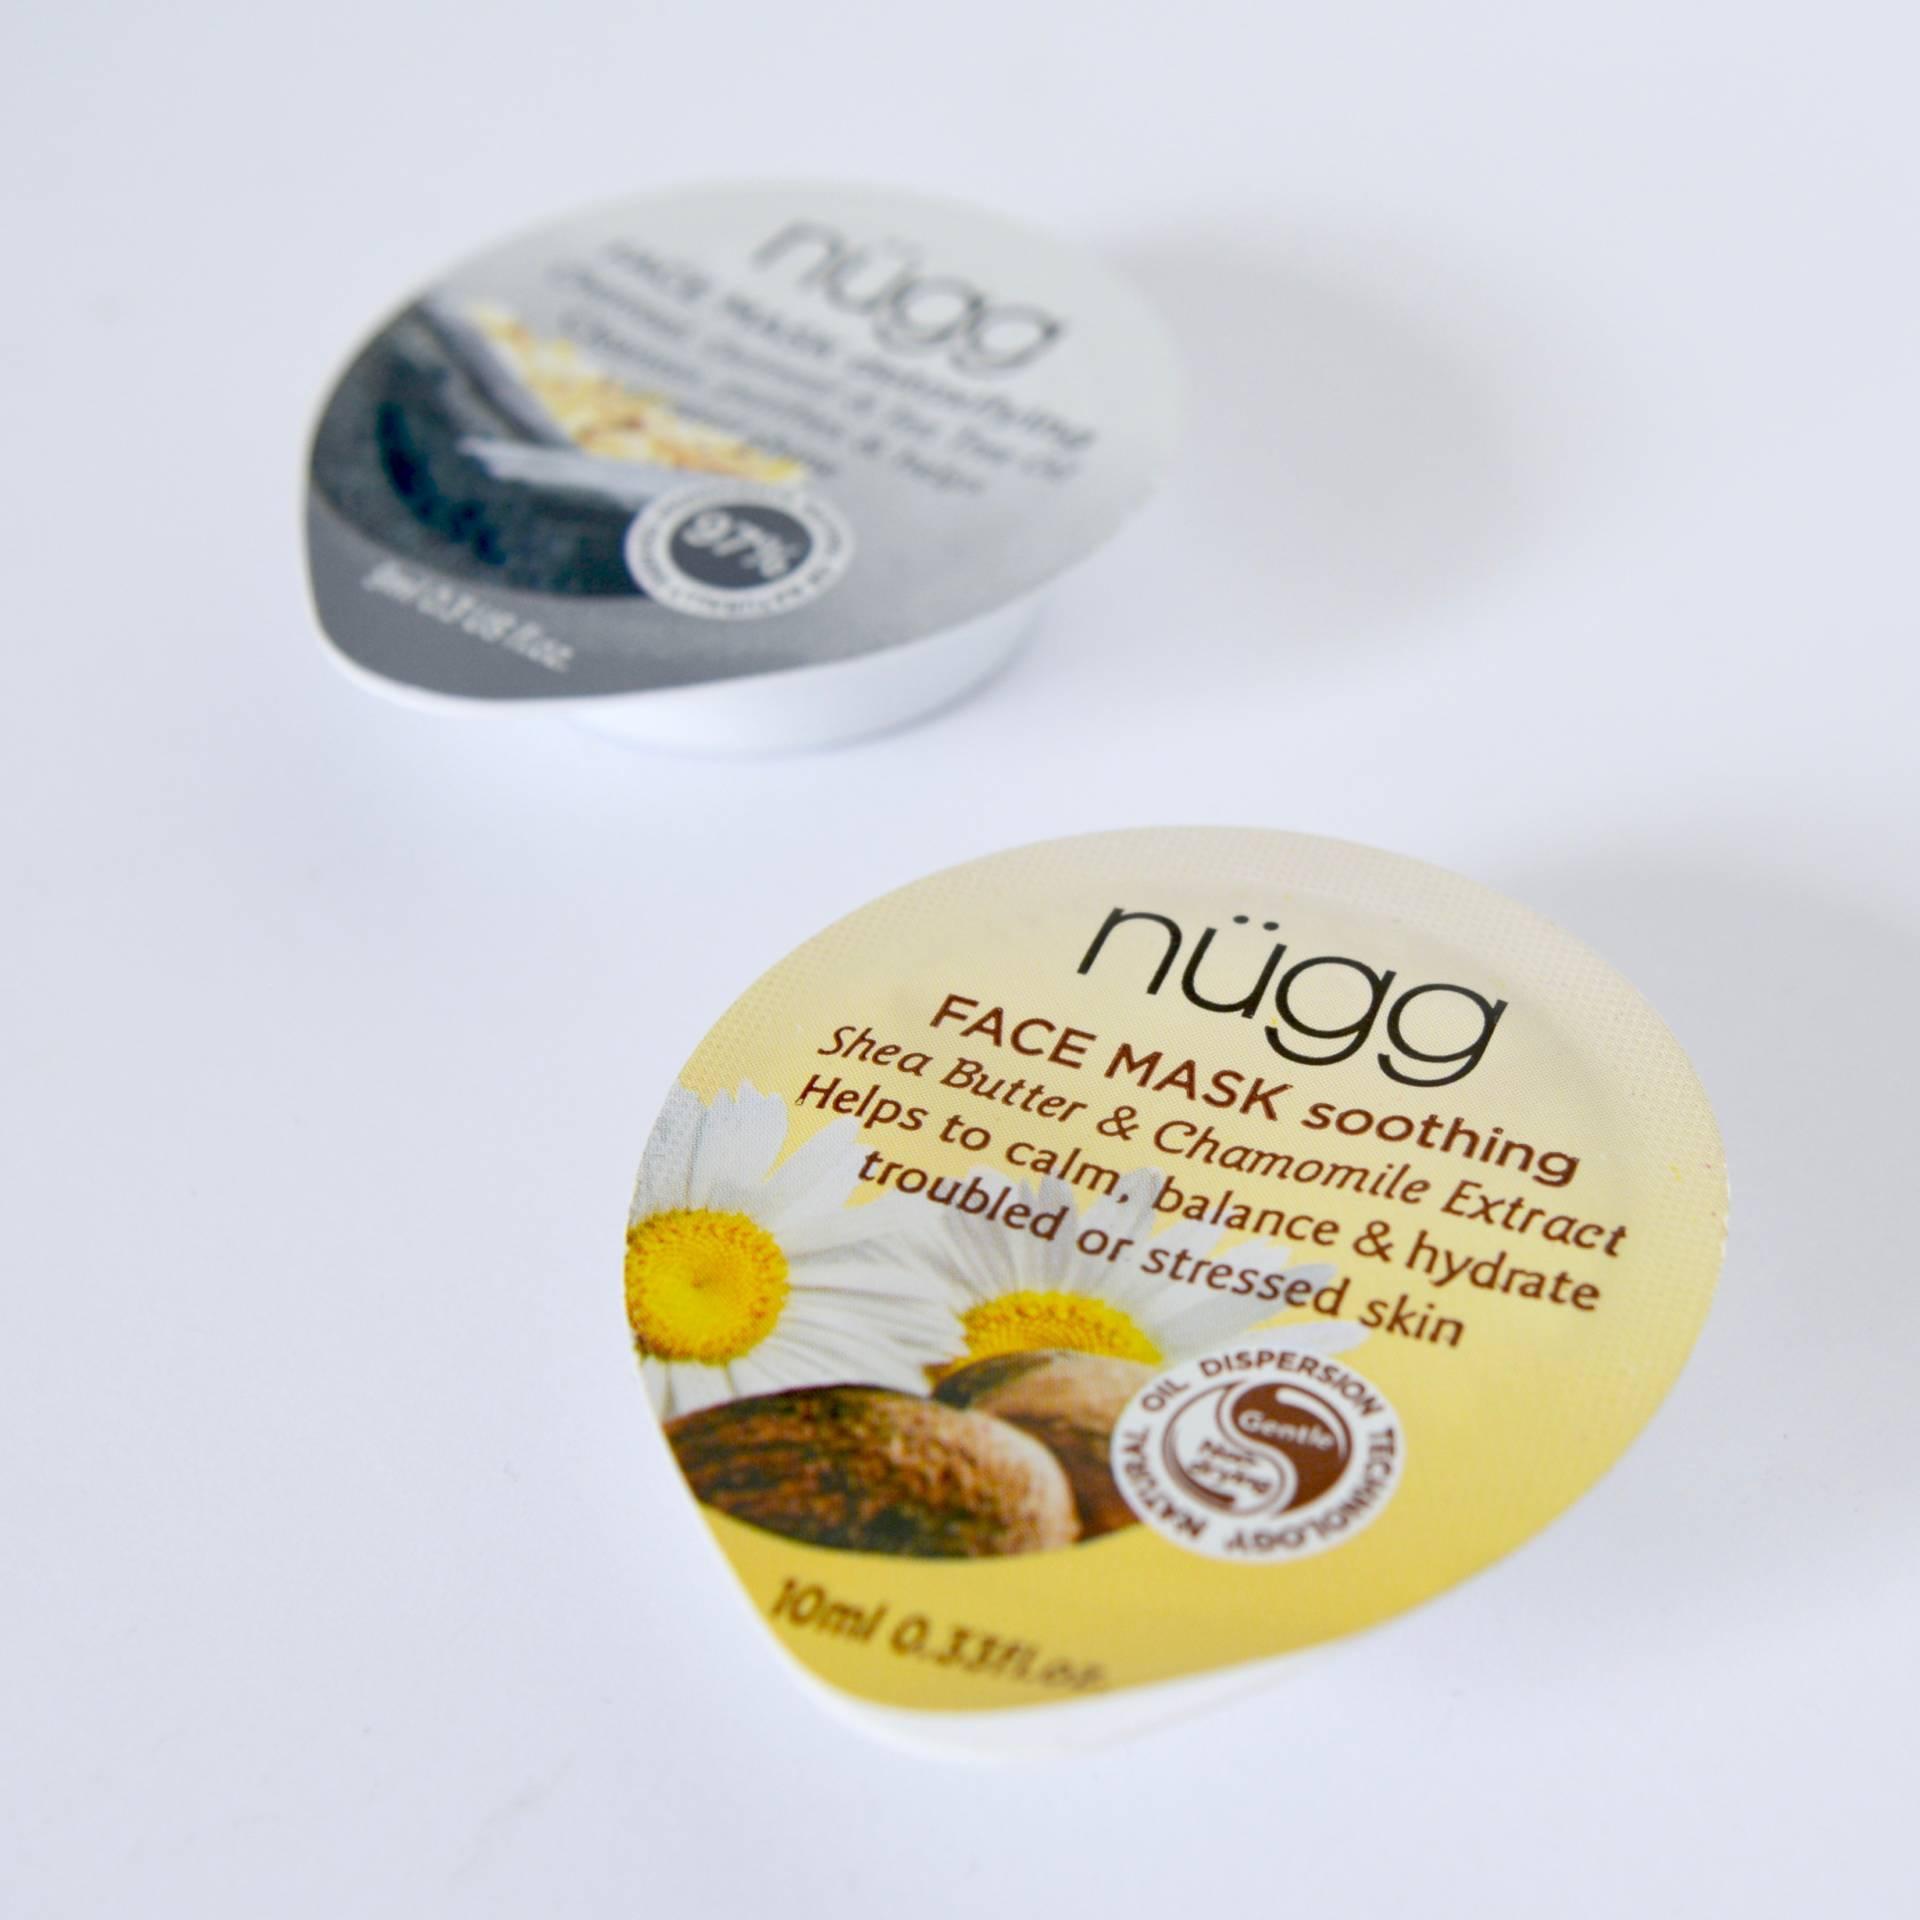 Nugg face mask - individual face mask pots